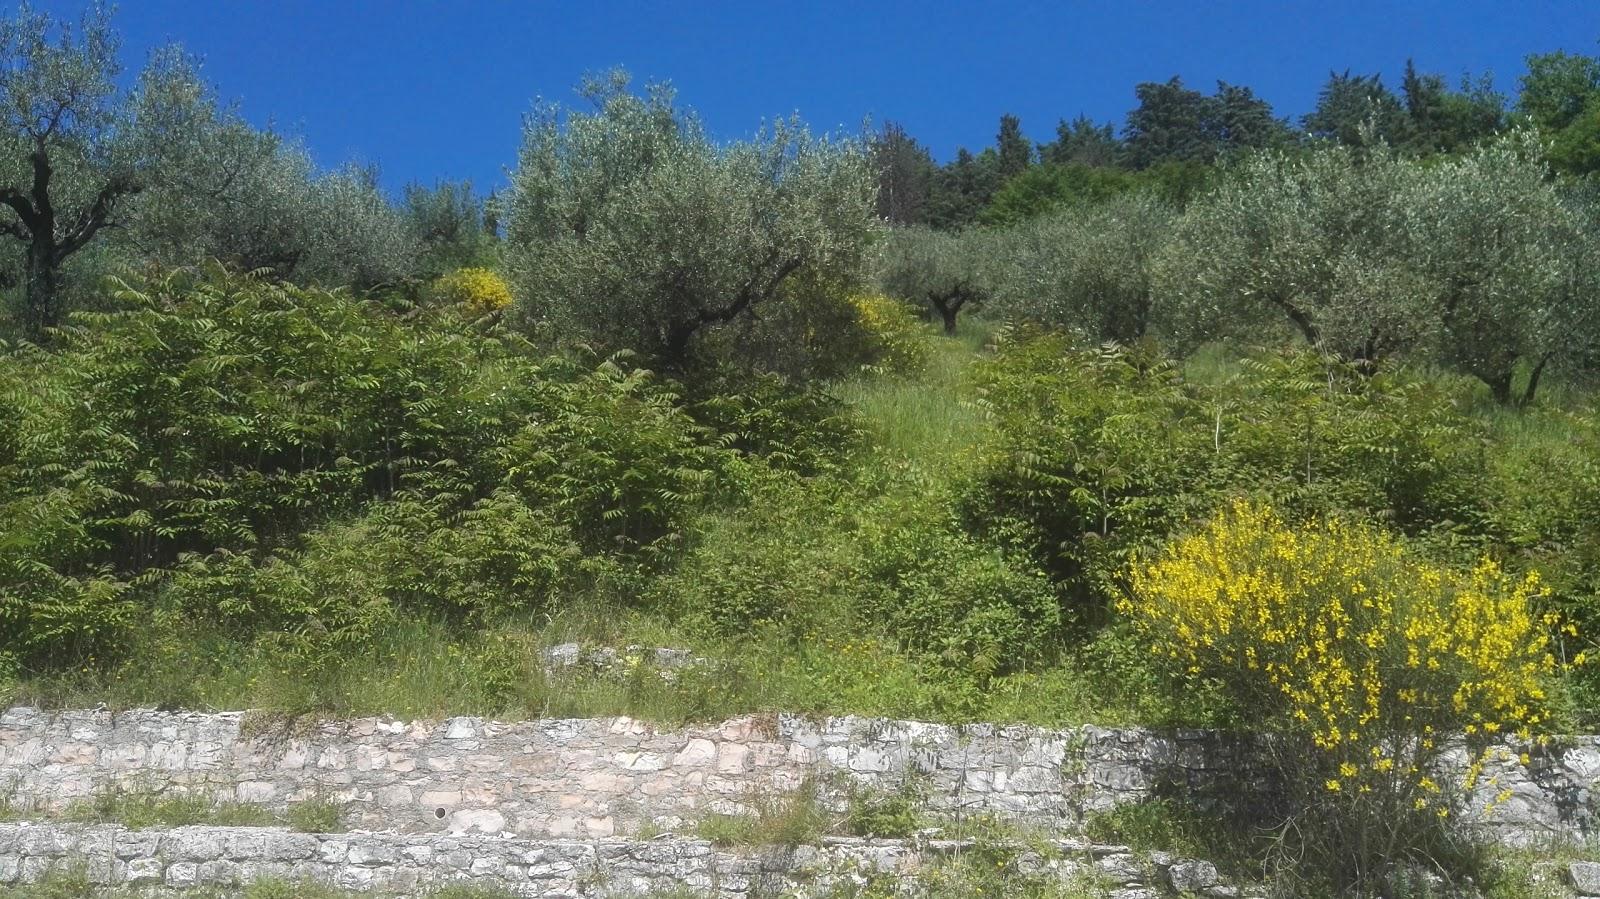 istituto don bosco verde soggiorno - around guides - Verde Soggiorno Don Bosco